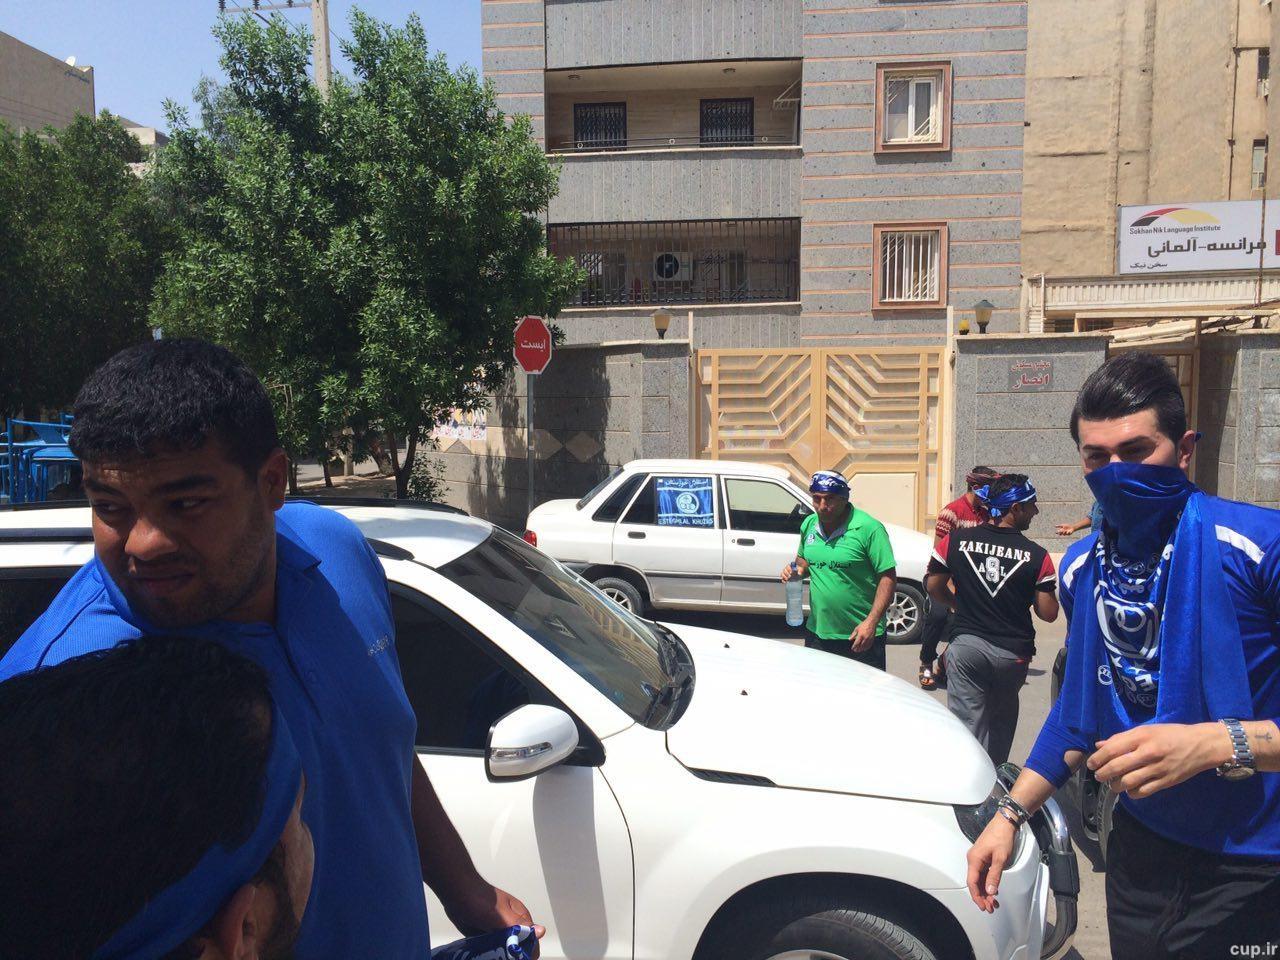 سرود قهرمانی اهوازیها مقابل هتل استقلال خوزستان